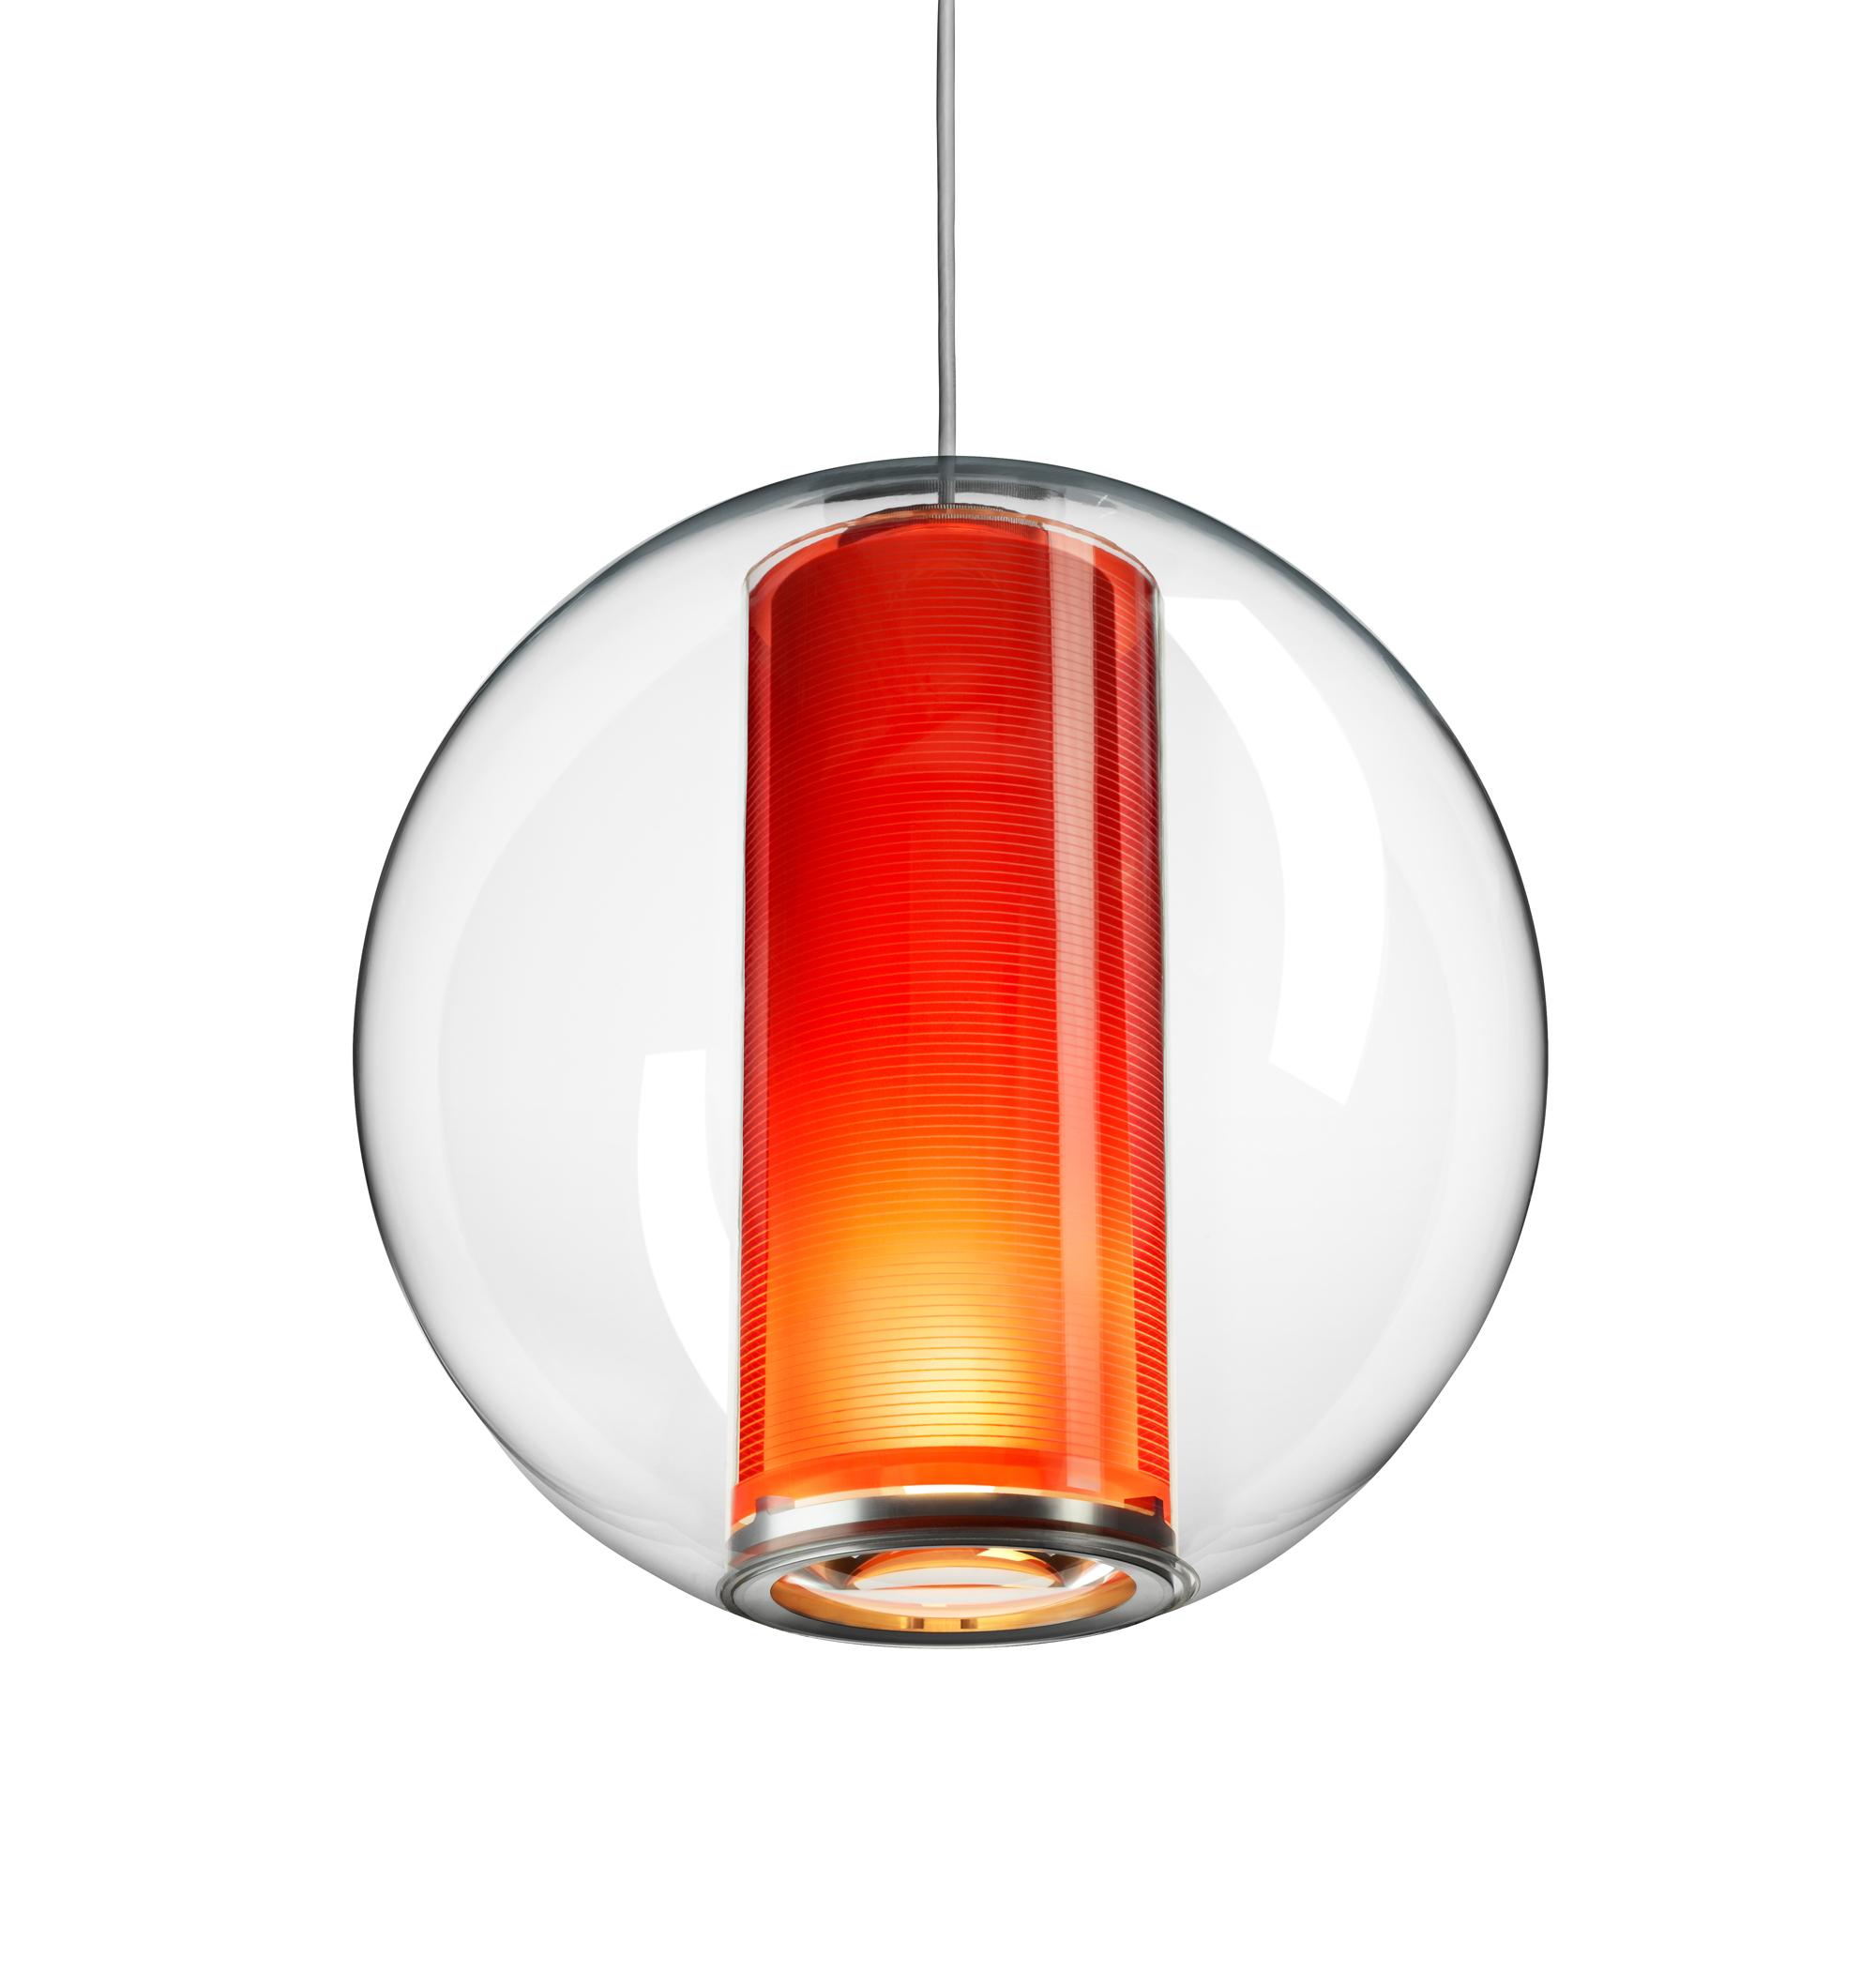 bel_occhio_pendant_orange_72_download.JPG